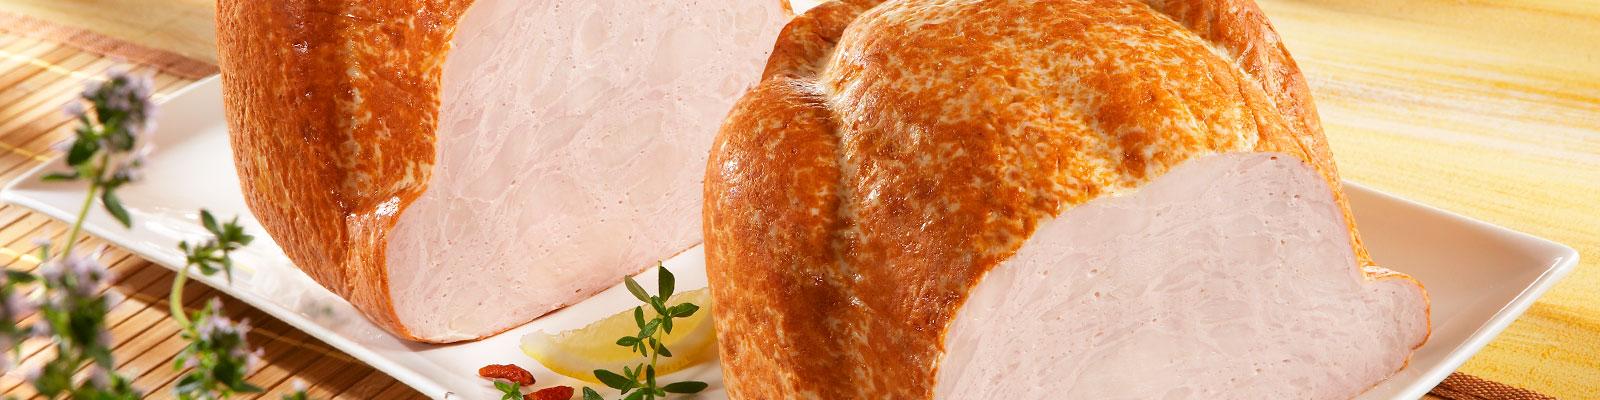 Sortiment: Geflügelprodukte